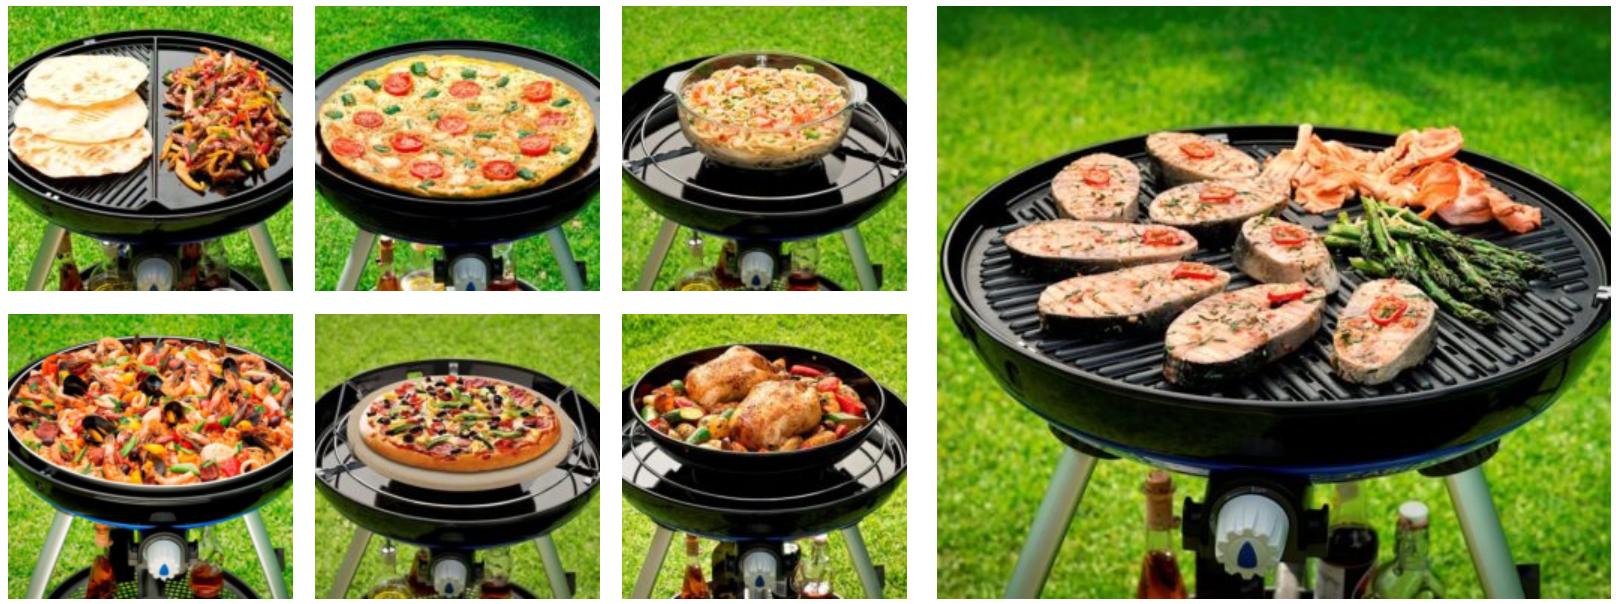 Skottelbraai, cadac, cadac skottelbraai, skottelbraai cadac, barbecue, gasbarbecue, gasbarbecue cadac, koken op de camping, barbecue cadac, cadac barbecue, cadac gasbarbecue